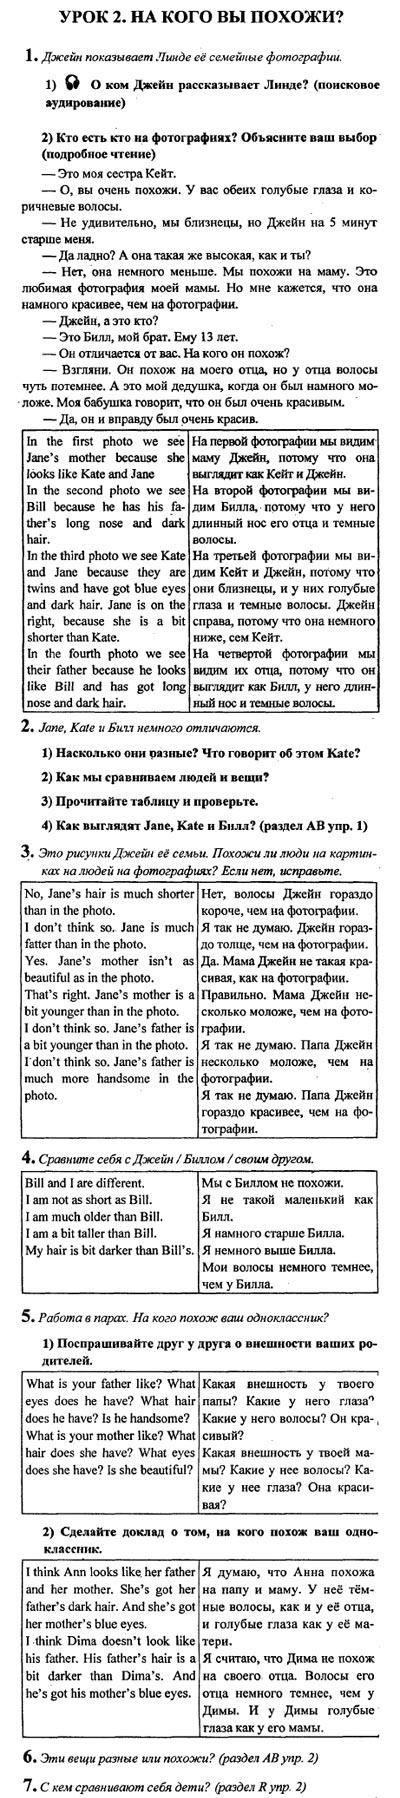 Гдз по Английскому языку 4 Класс Кузовлев 2009